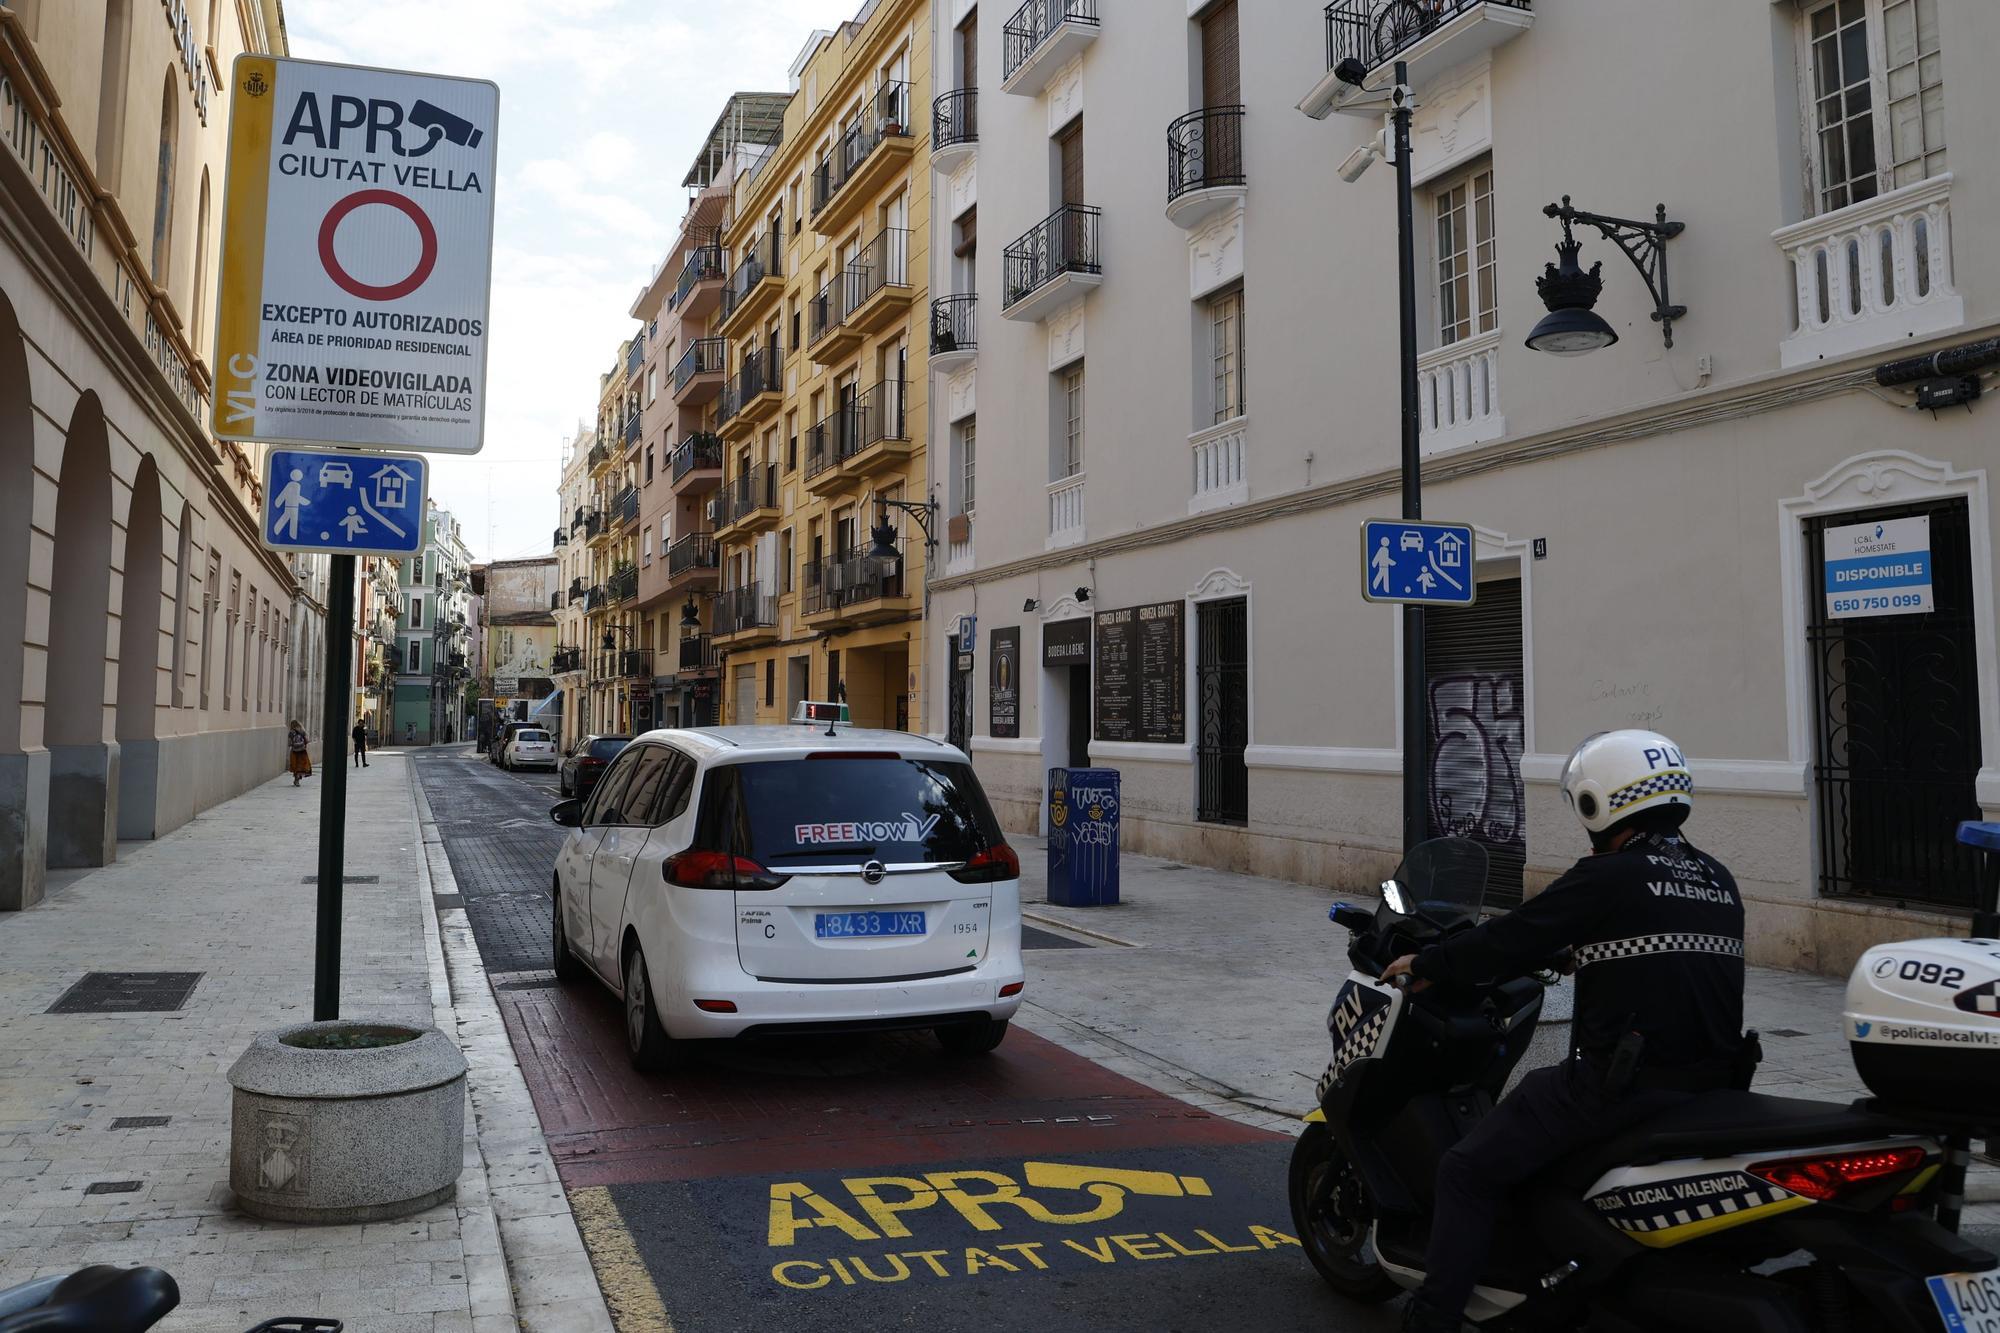 Las cámaras que multarán a los coches en el centro de València